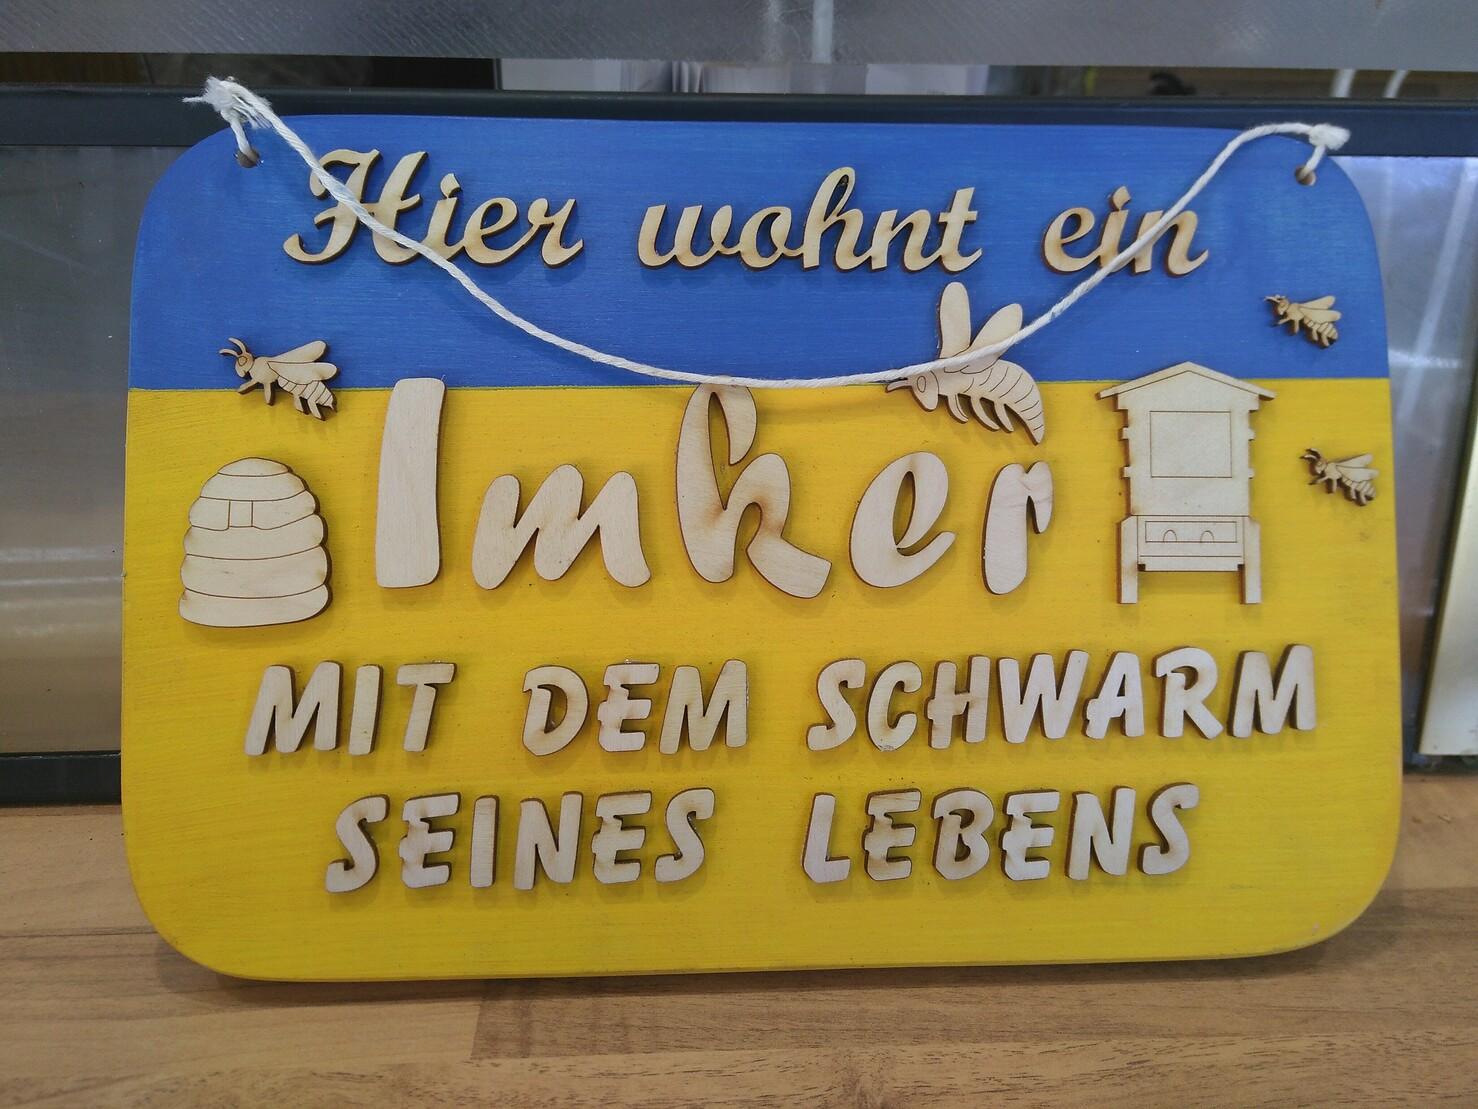 Ein Schild. Es ist oben blau, unten gelb. Darauf steht: Hier wohnt ein Imker mit dem Schwarm seines Lebens. Zu sehen sind außerdem ein Bienenstock (rund) und ein Kasten und umherfliegende Bienen